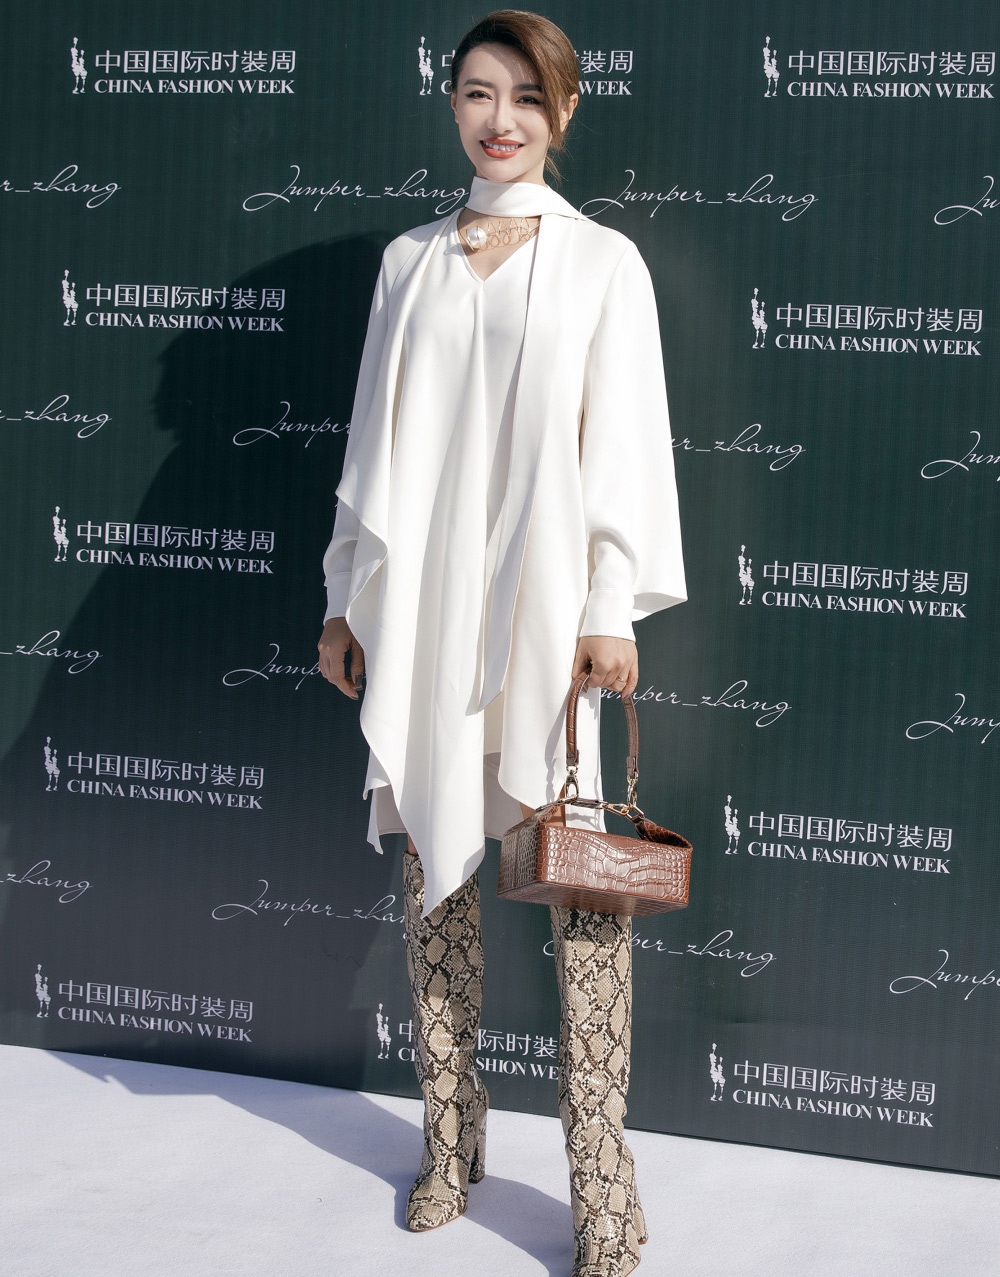 爱戴亮相中国国际时装周  高贵优雅不失风范